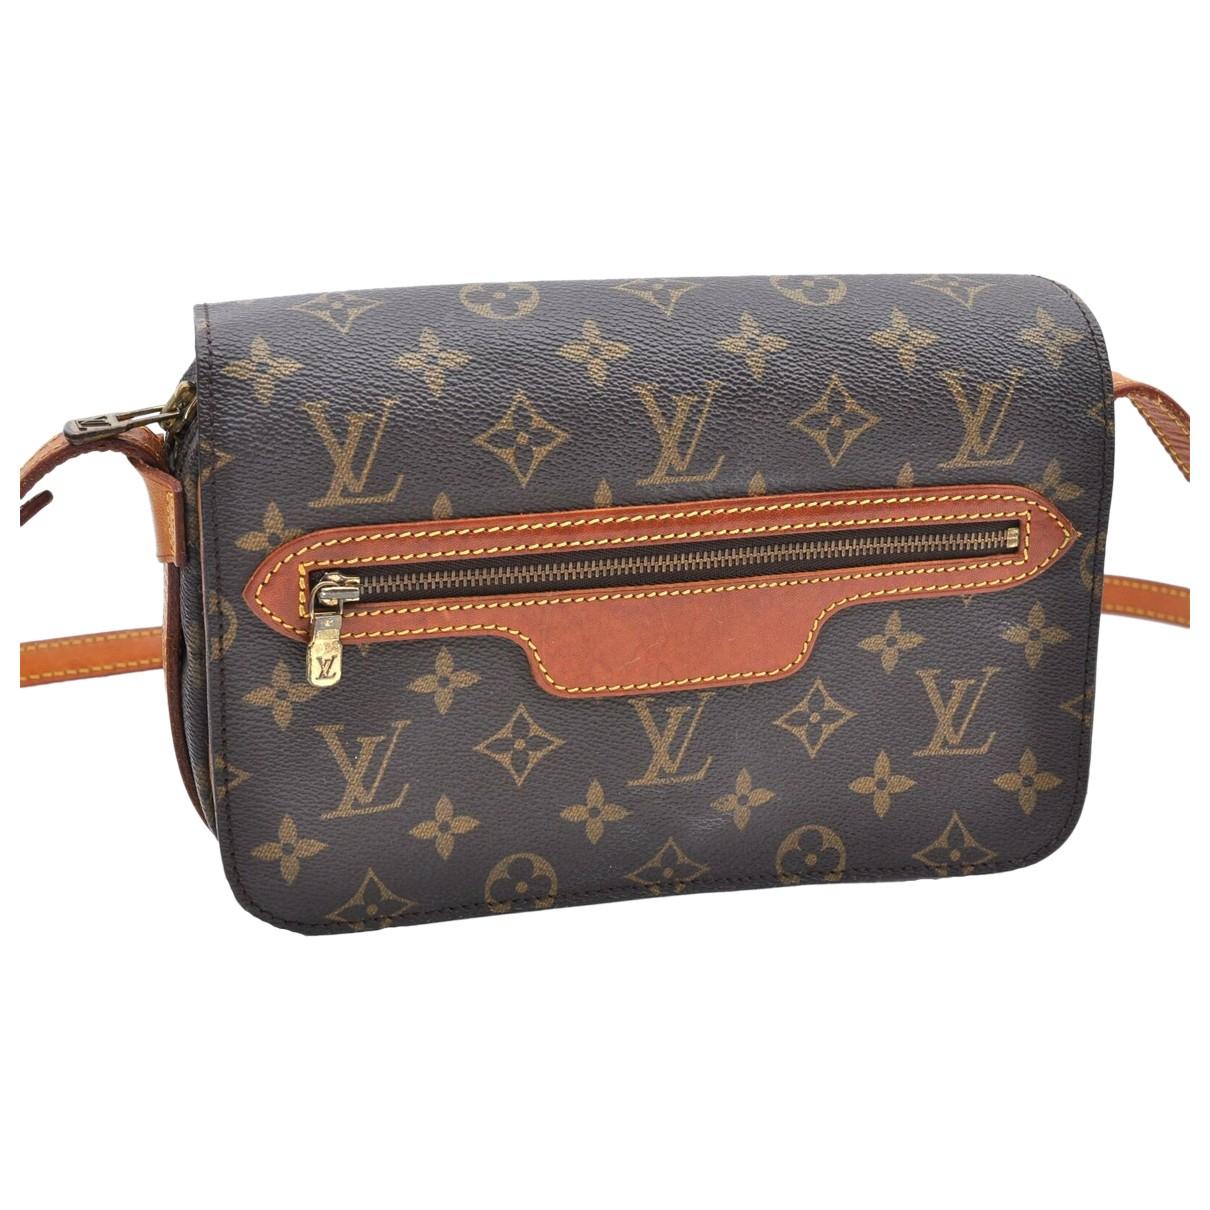 Louis Vuitton Saint-Germain Brown Cloth handbag for Women N